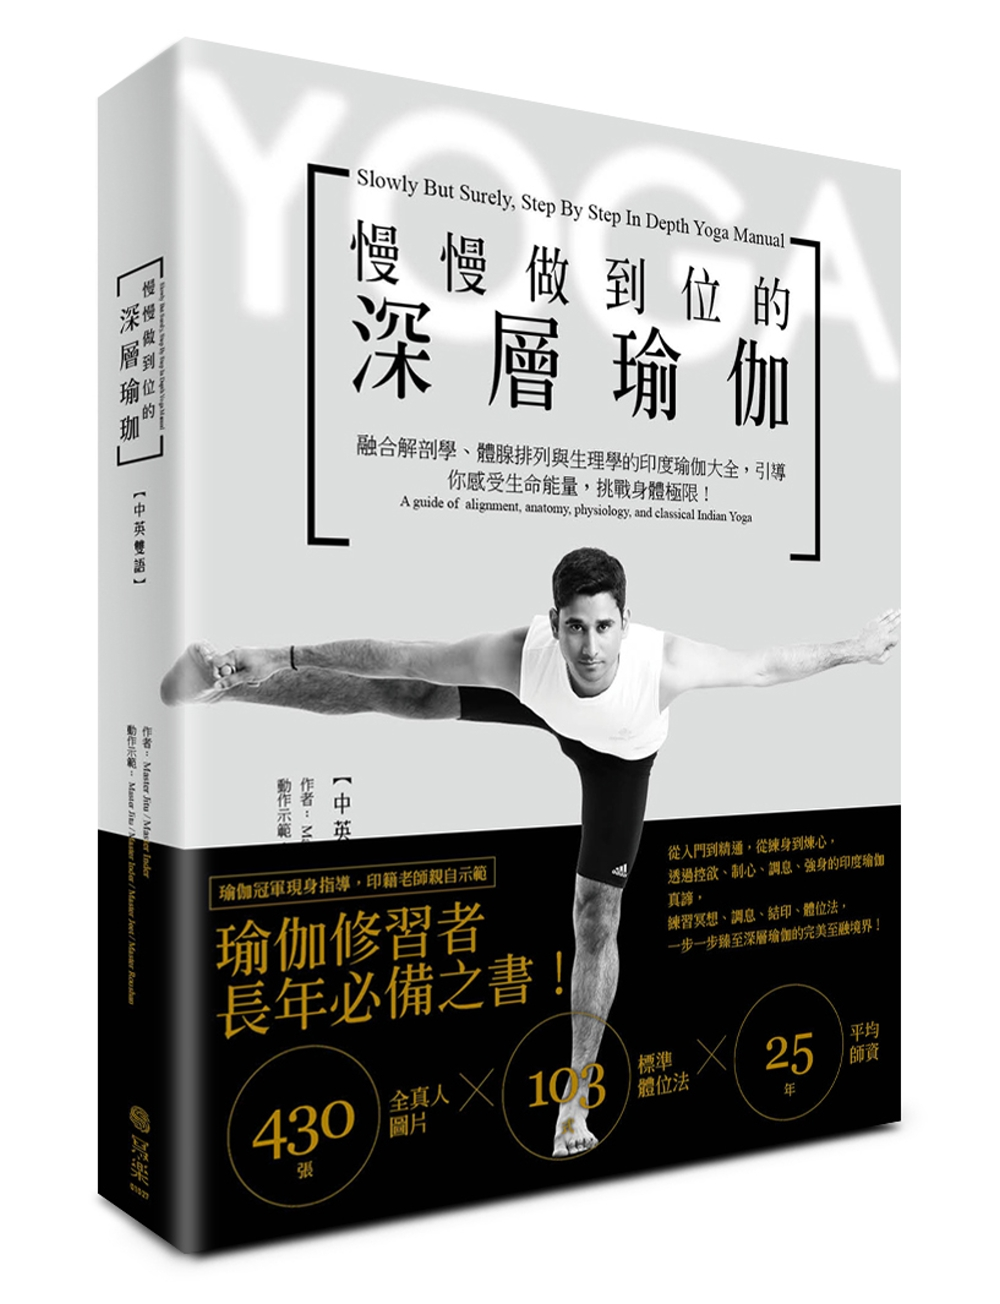 慢慢做到位的深層瑜伽:中英雙語,融合解剖學、體腺排列與生理學的印度瑜伽大全,引導你感受生命能量,挑戰身體極限!(隨書附贈三堂免費體驗課程)